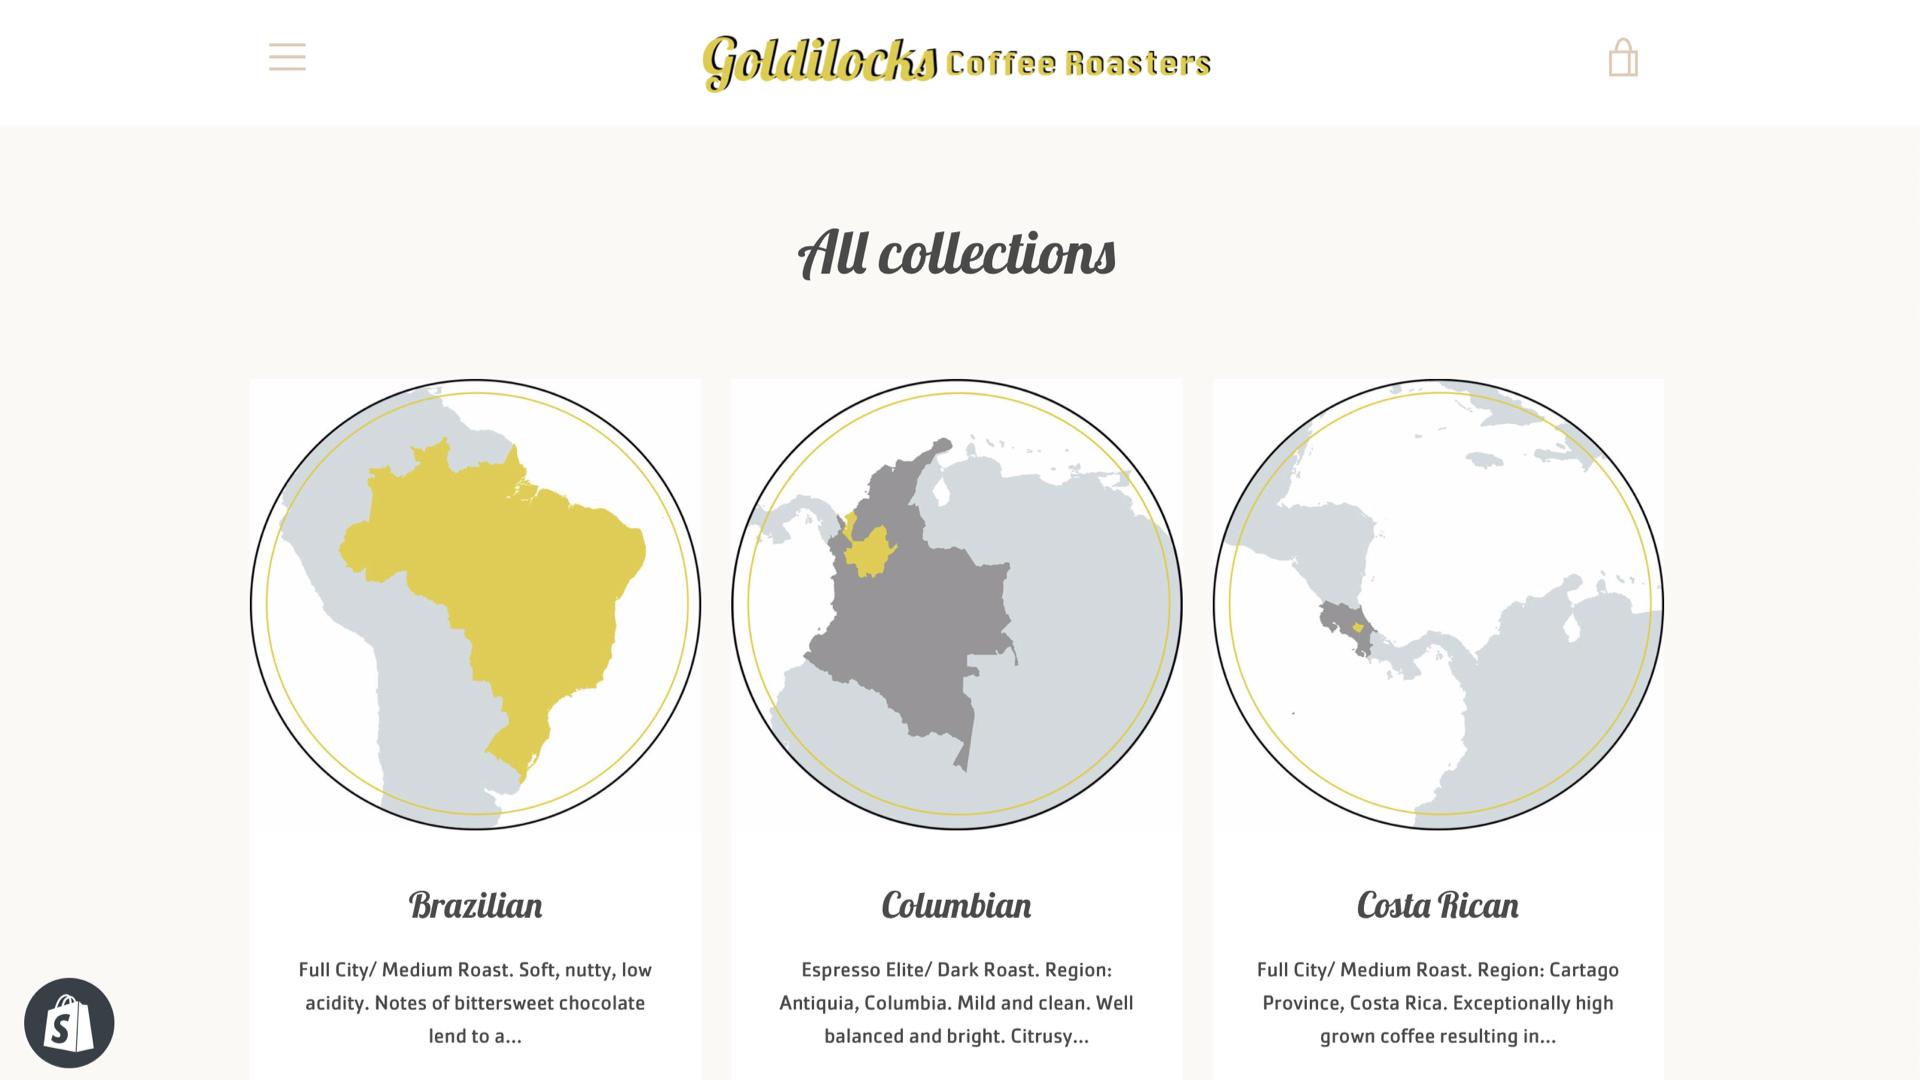 GoldilocksCoffeeRoasters.018.jpeg